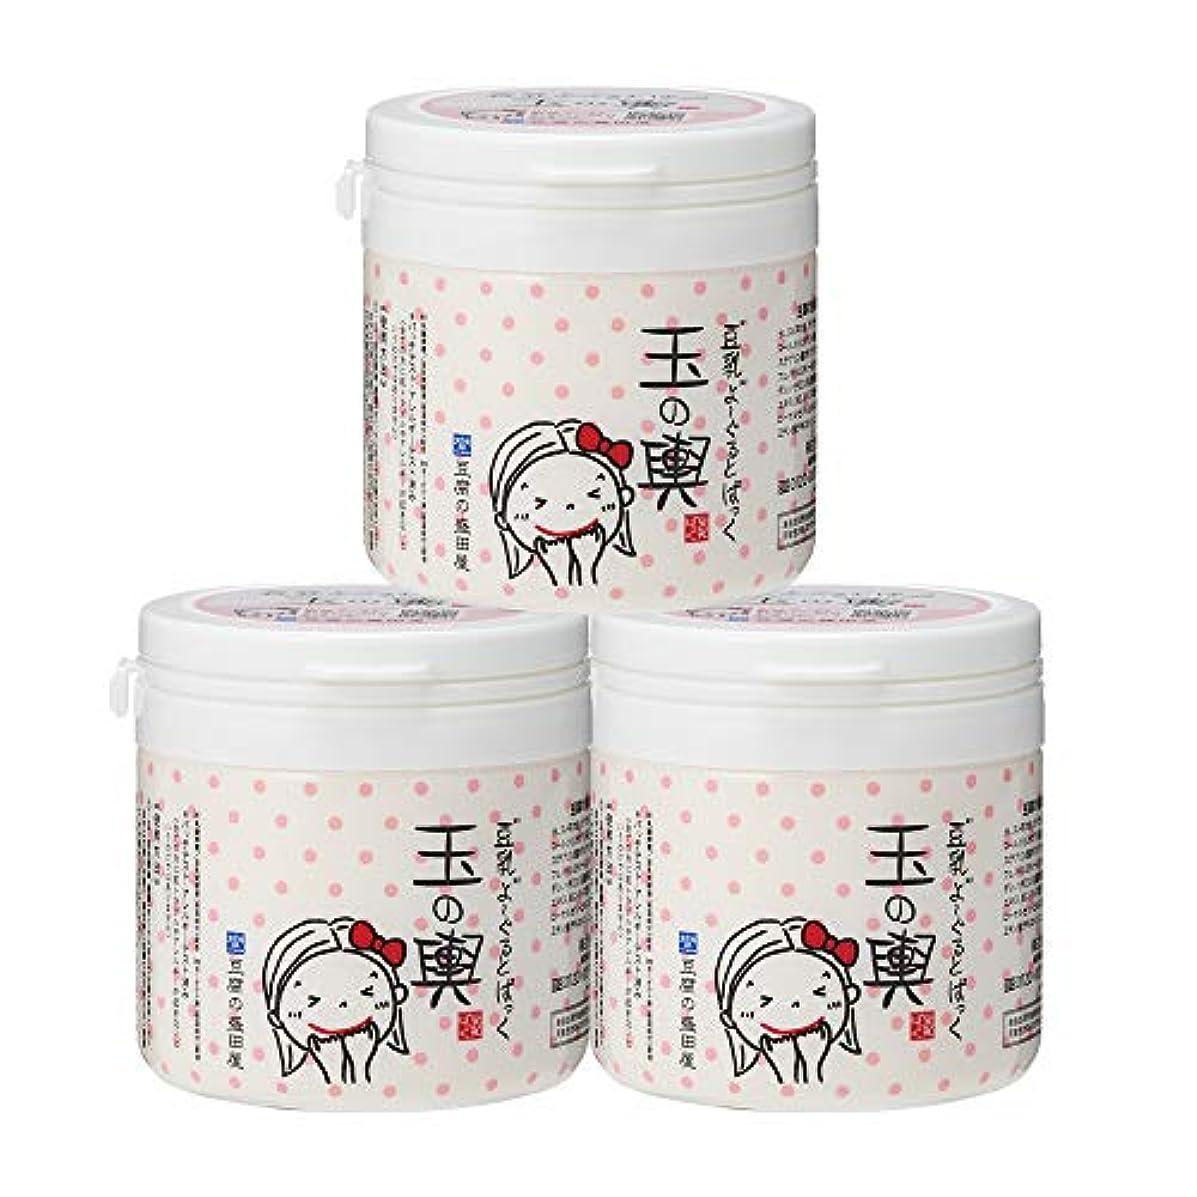 記憶に残るウッズ読みやすさ豆腐の盛田屋 豆乳よーぐるとぱっく 玉の輿 150g×3個セット